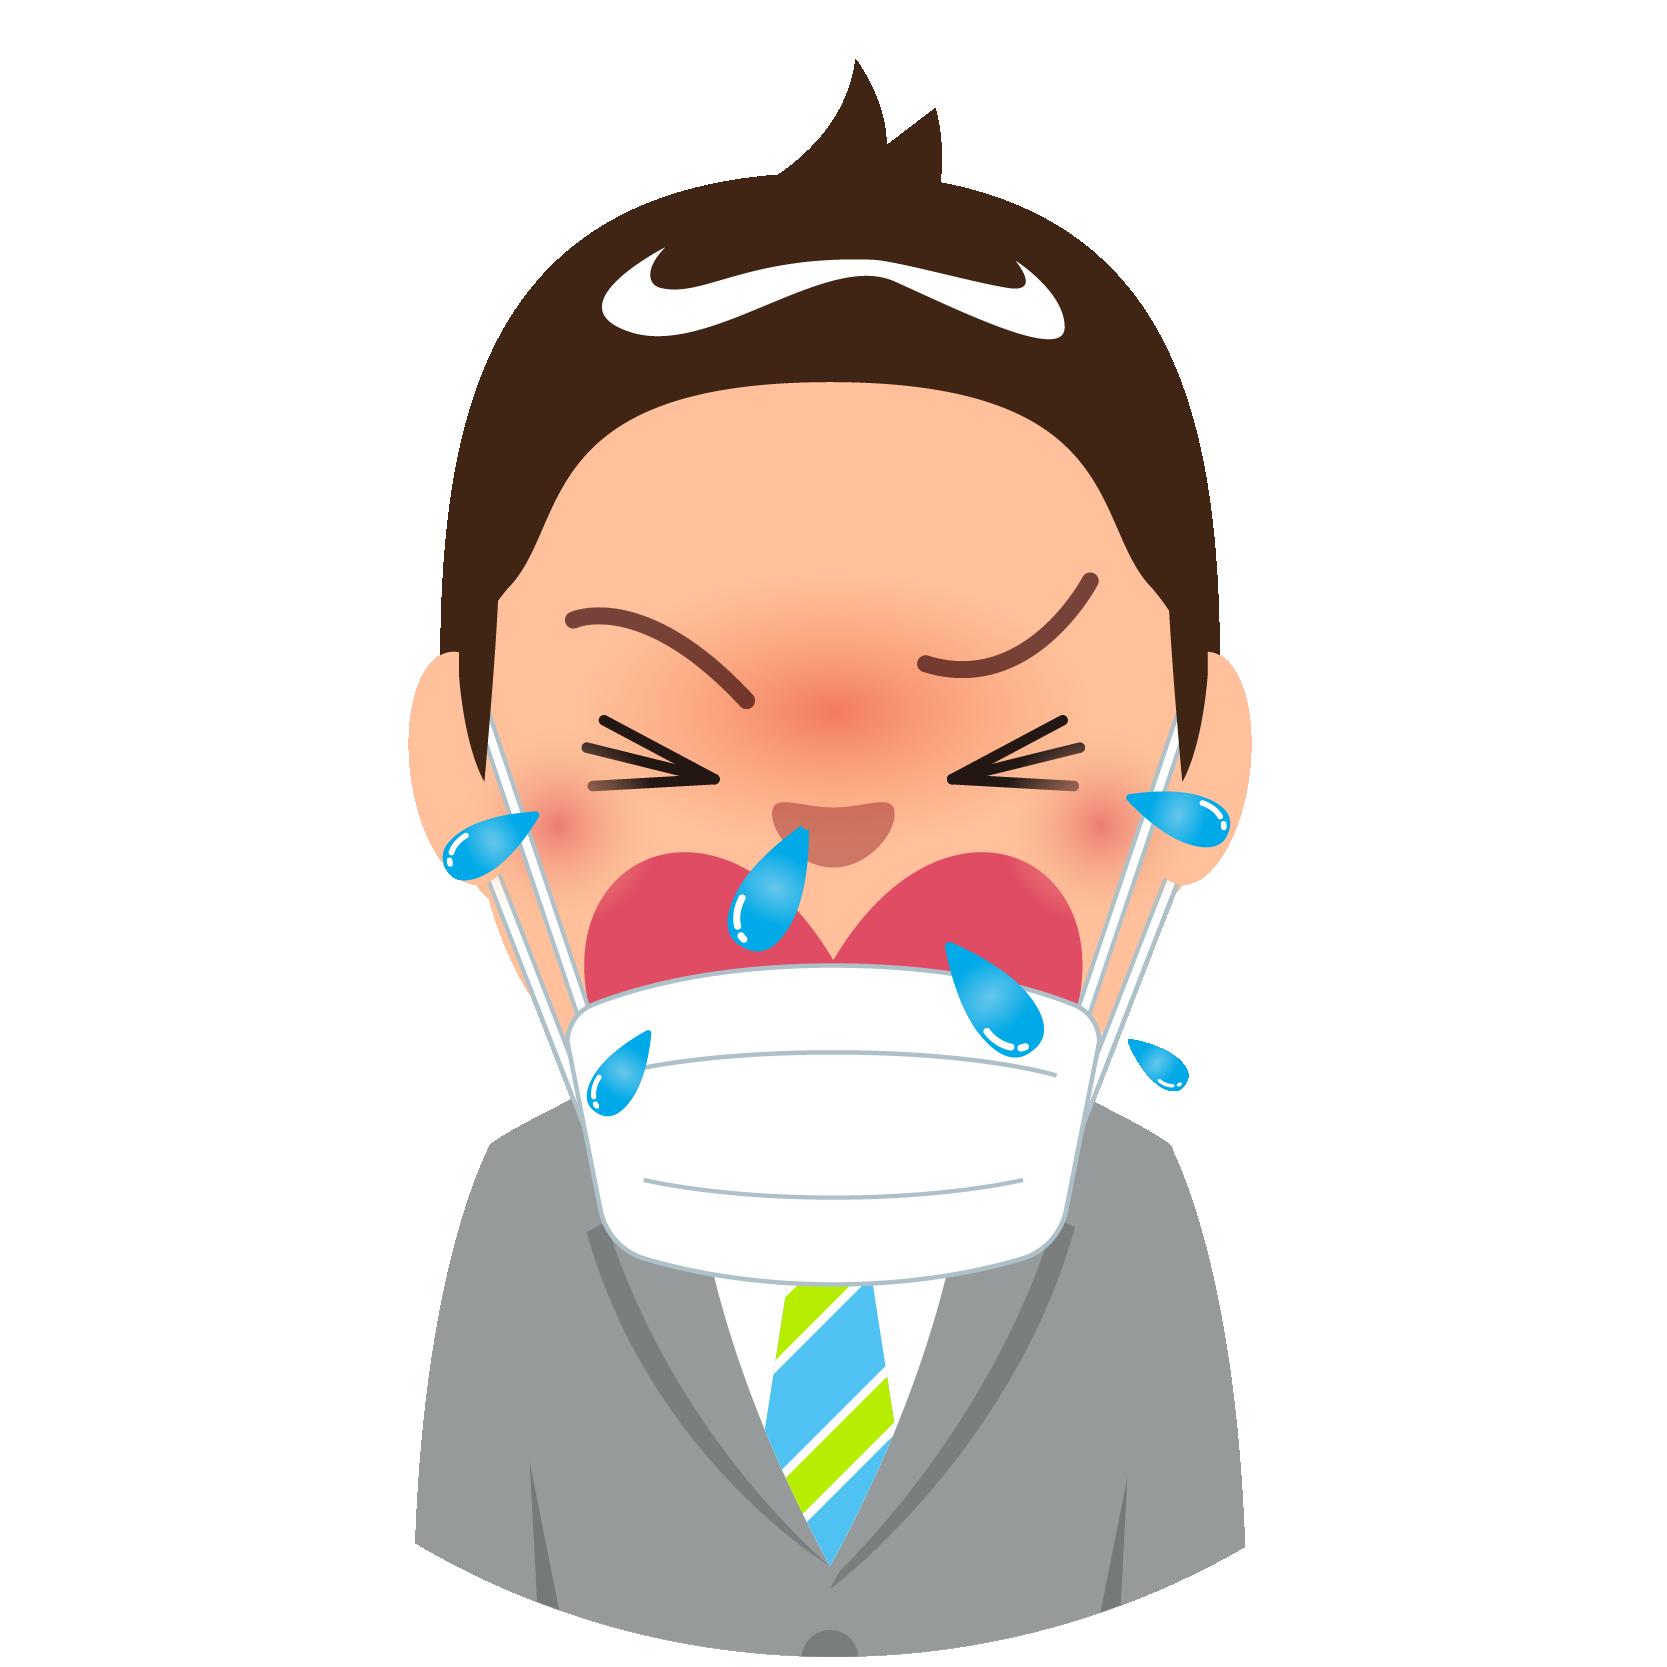 商用フリー・無料イラスト_杉(すぎ)花粉症_男性_マスク_くしゃみ_cedar pollen allergy_kafun004